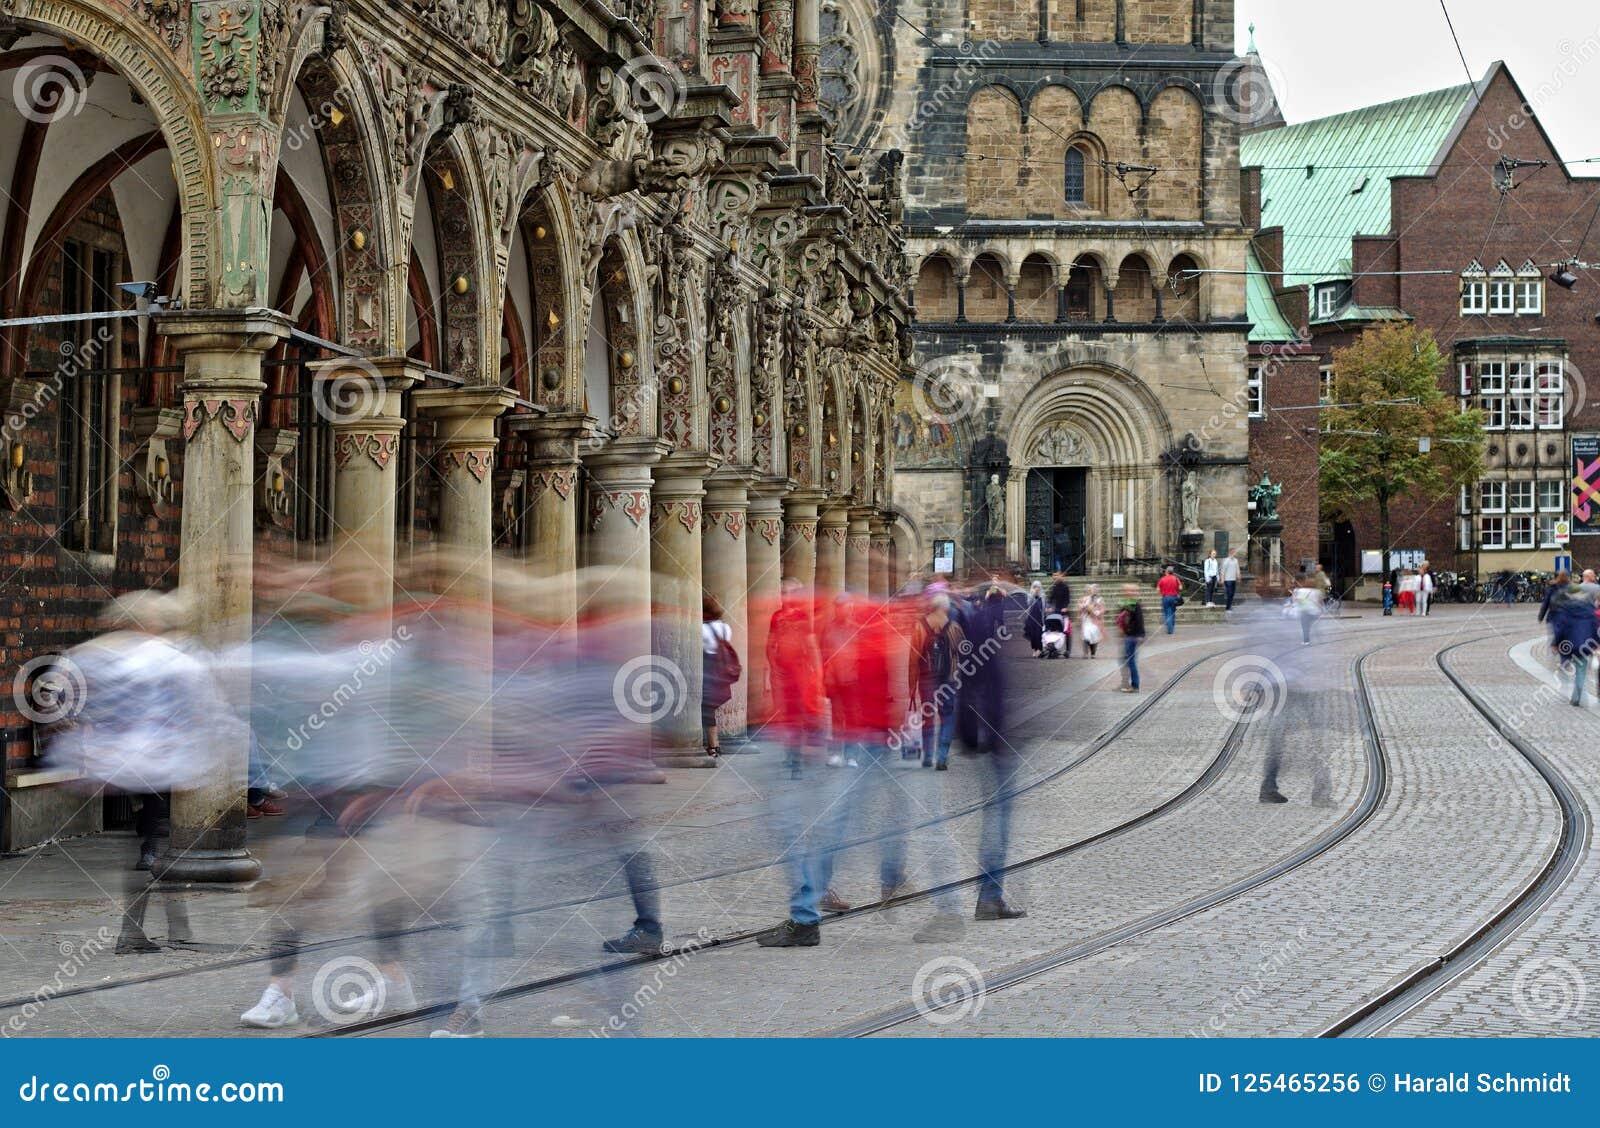 Bremen, Deutschland - unscharfe menschliche Figuren, welche lang die Straßen- und Trambahnen vor dem historischen Rathaus und der